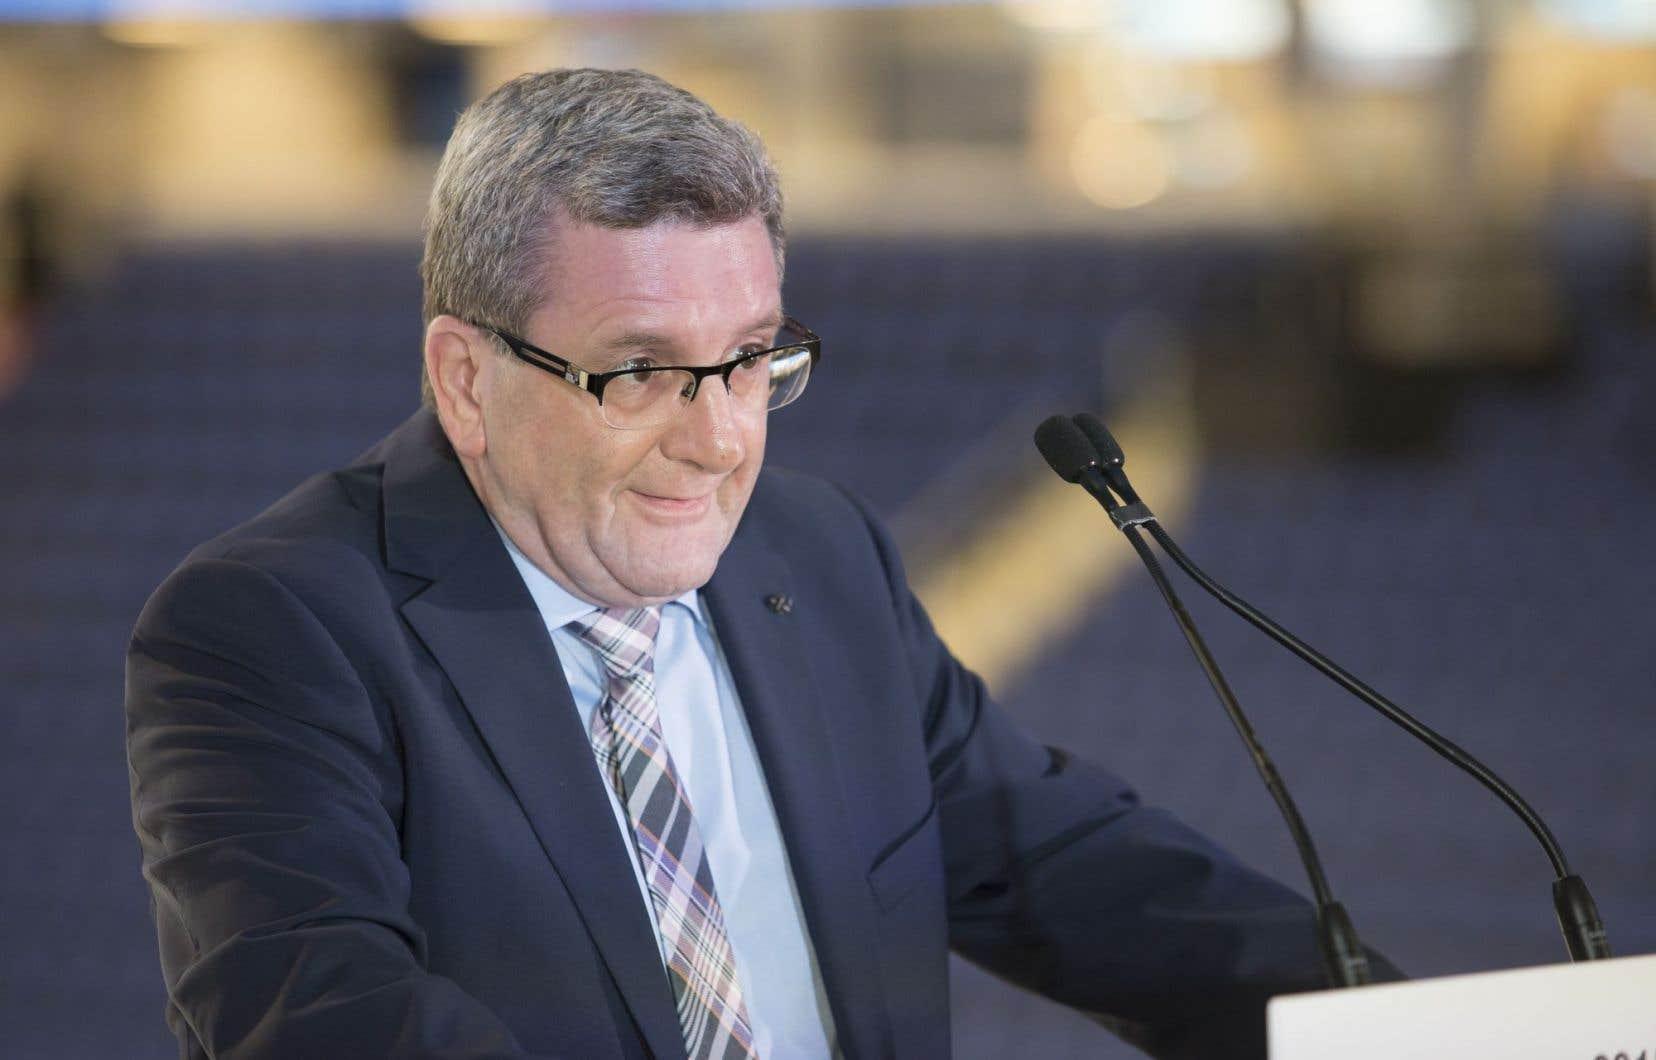 Le budget 2017 de la Ville de Québec prévoit un gel de taxes pour tous les contribuables, une première depuis que Régis Labeaume est au pouvoir.